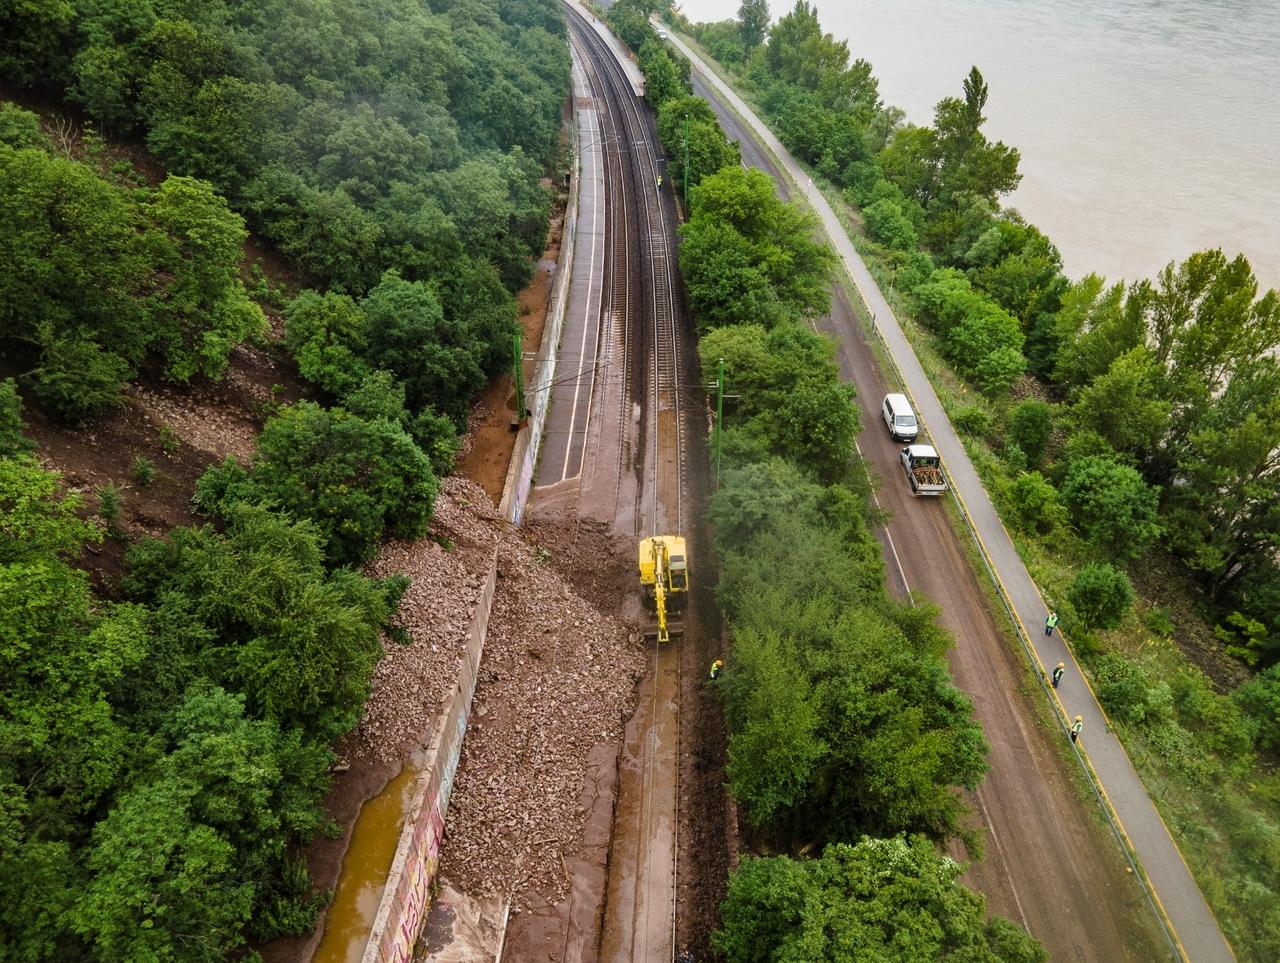 Június 17-én két helyen is hatalmas sár- és kőadag zúdult a 70-es vonalra és a 12-es főútra Dömösnél. A helyreállítás heteket fog igénybe venni (fotó: MÁV-Start Zrt.)